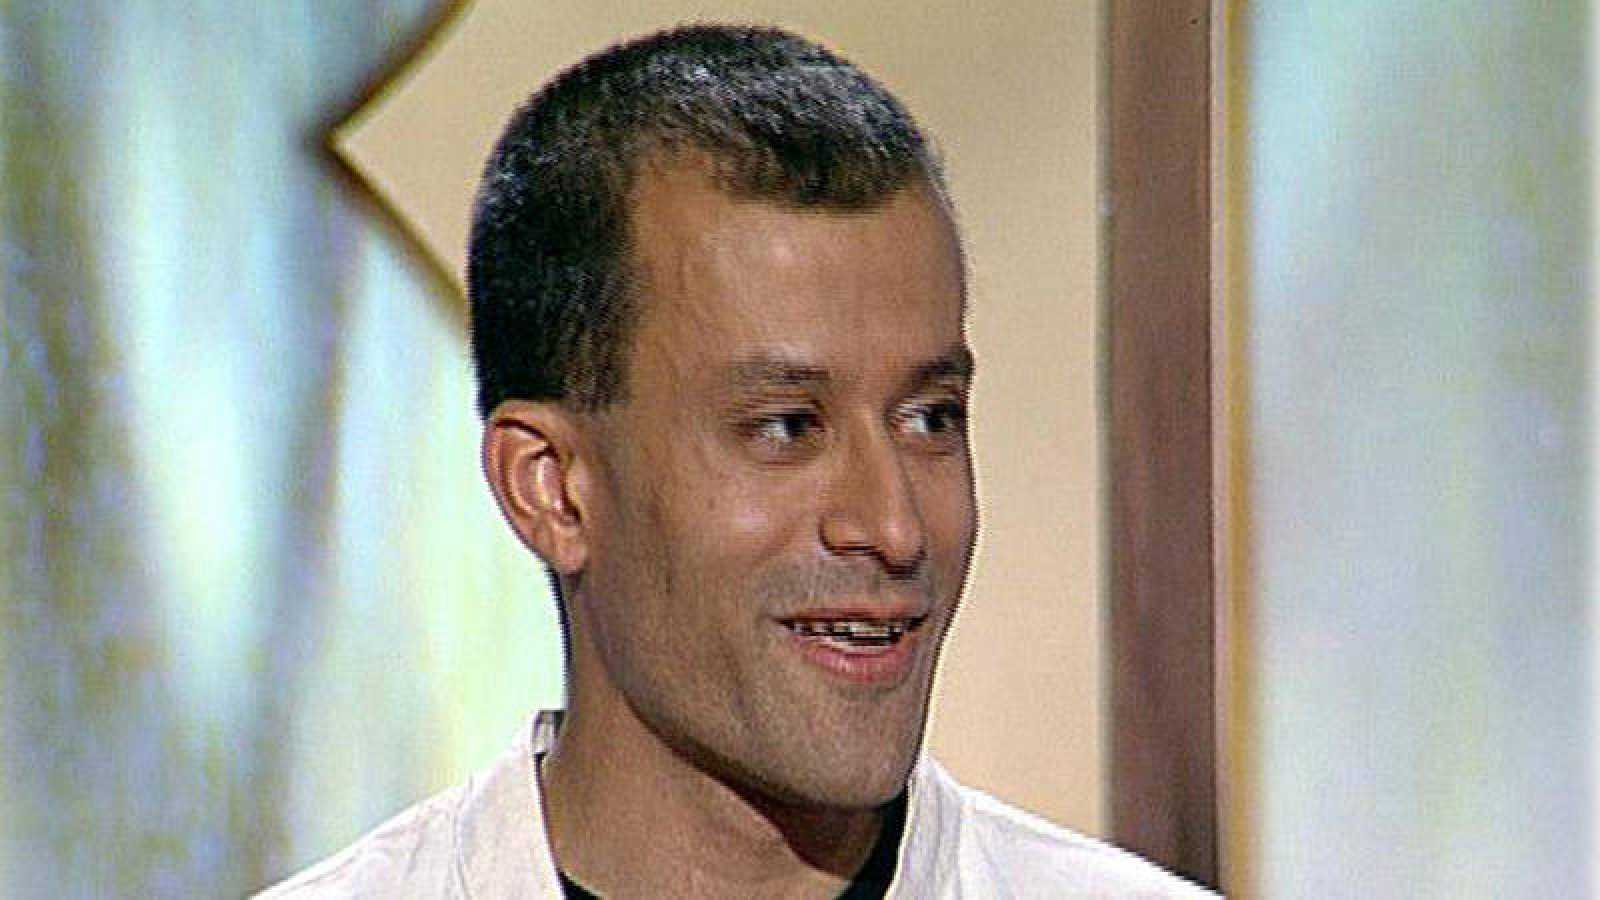 Jose Manuel Dorado